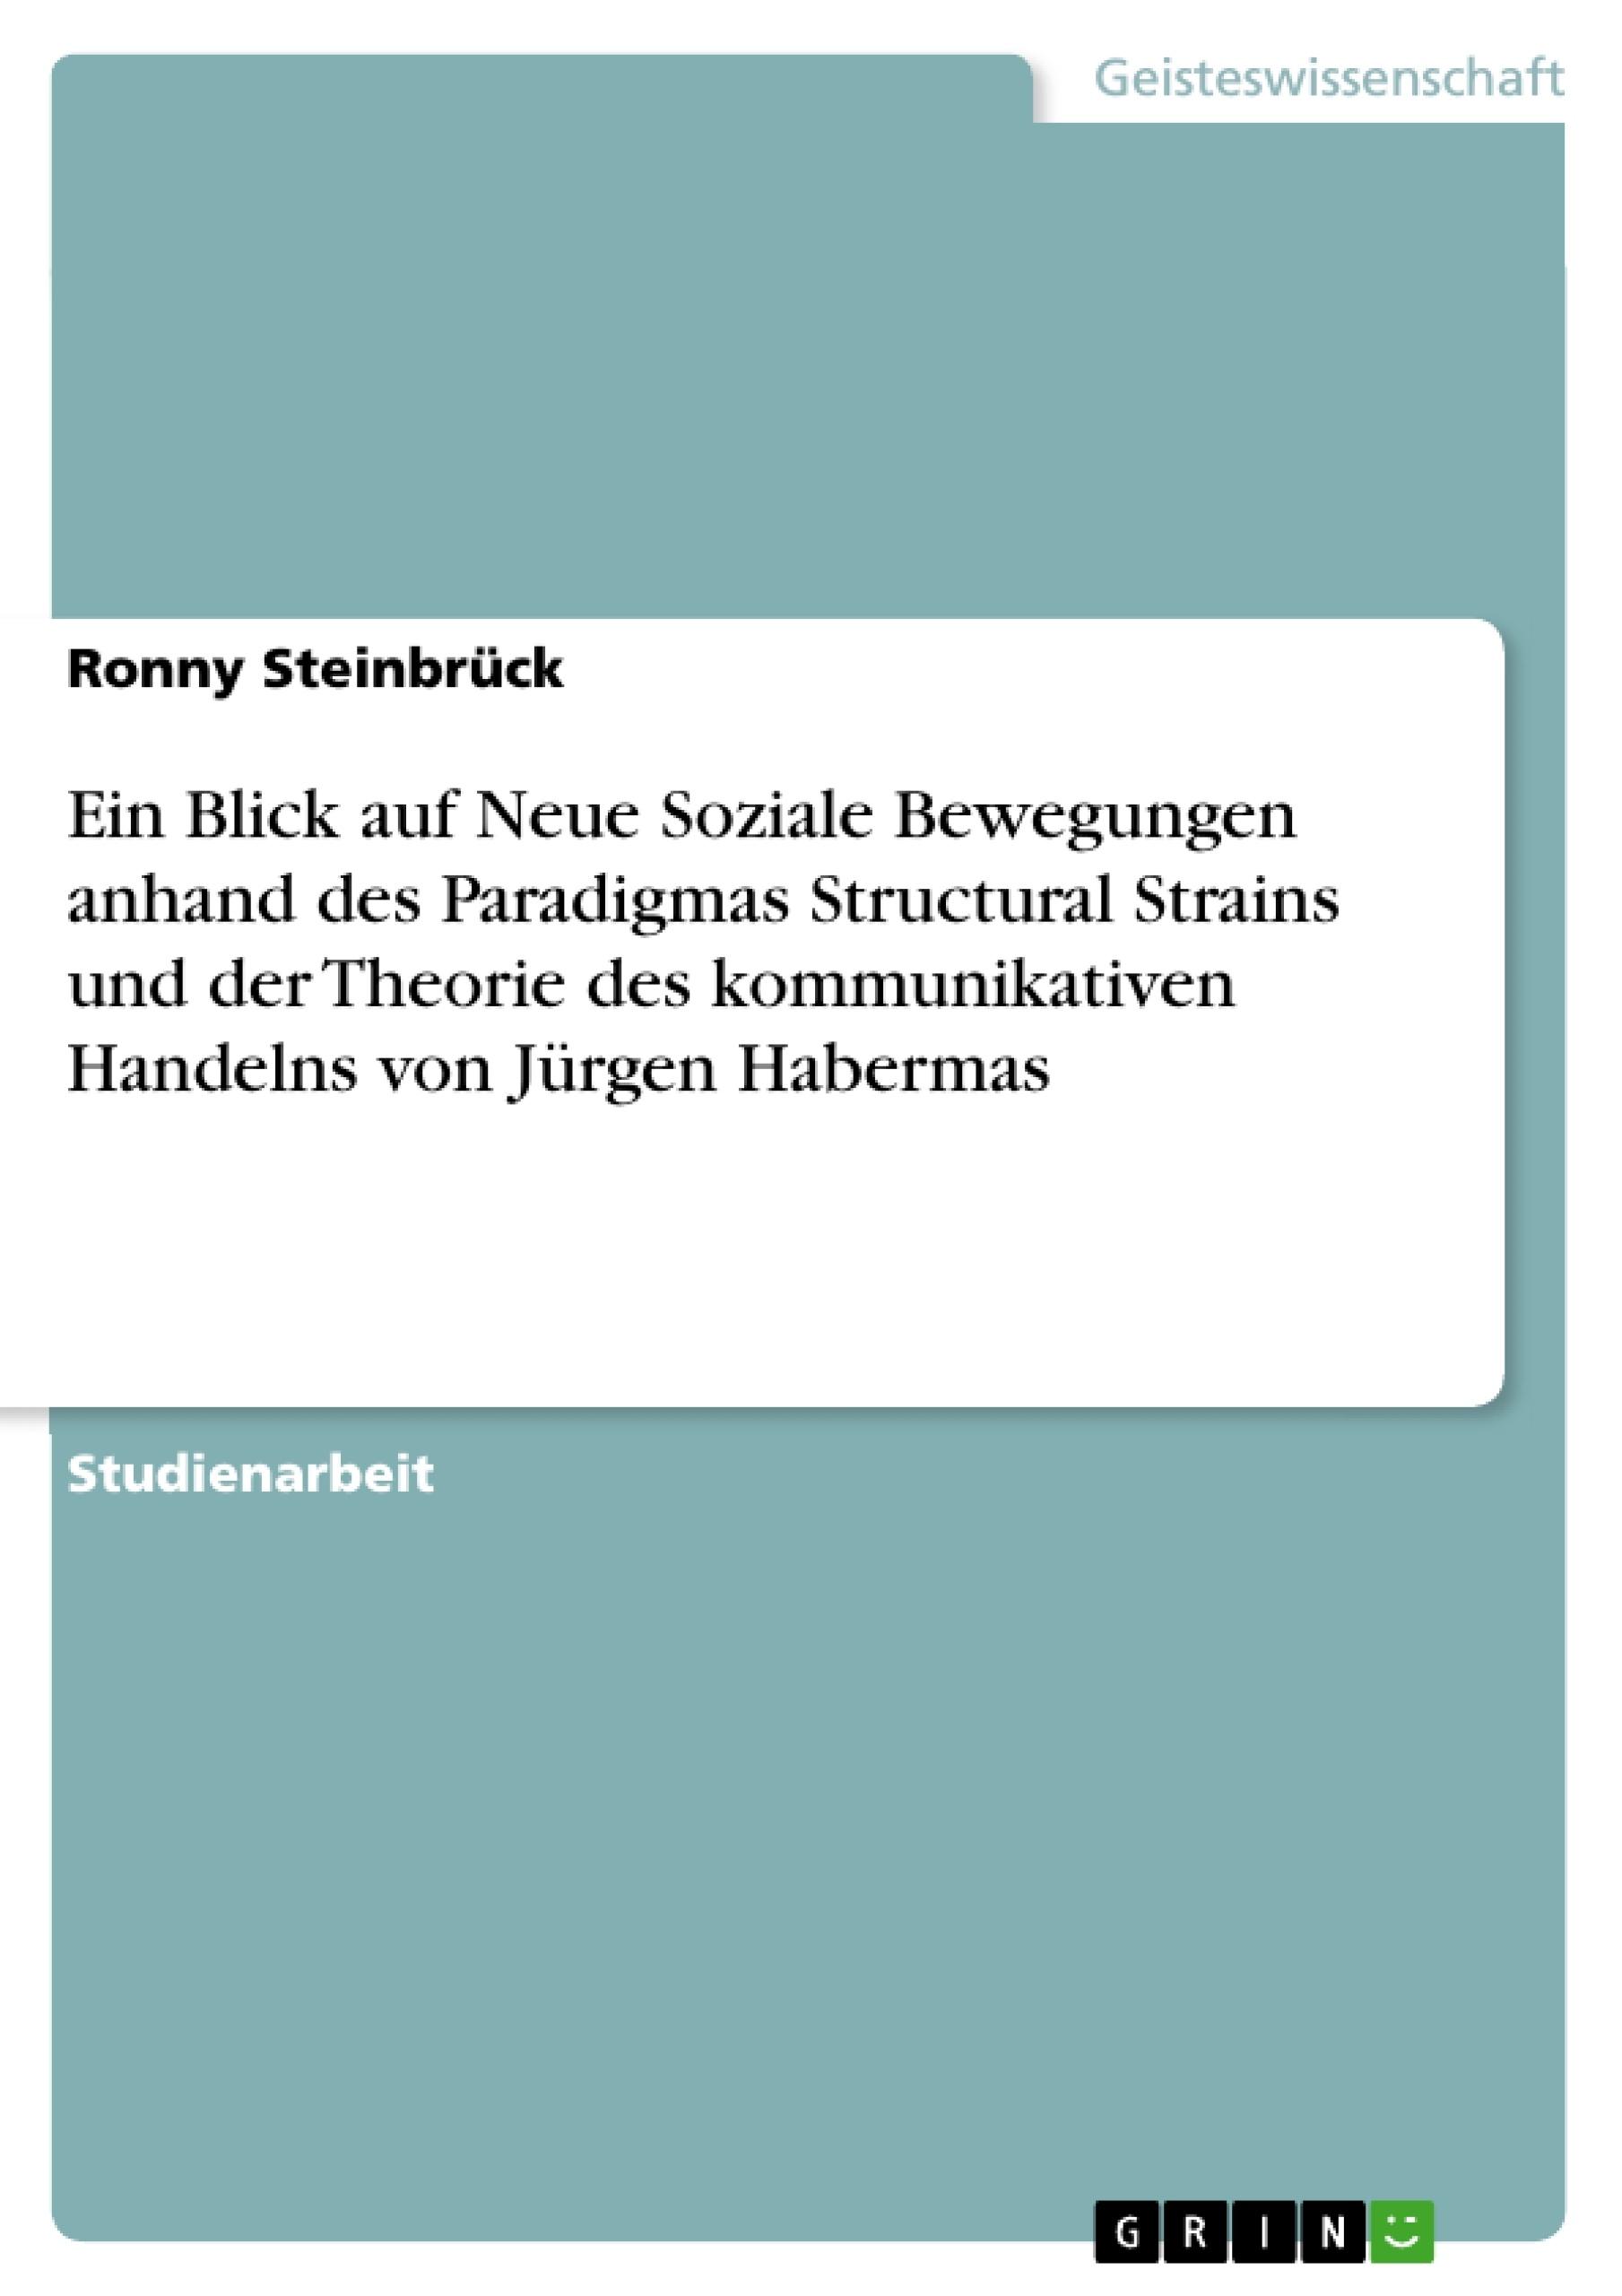 Titel: Ein Blick auf Neue Soziale Bewegungen anhand des Paradigmas Structural Strains und der Theorie des kommunikativen Handelns von Jürgen Habermas